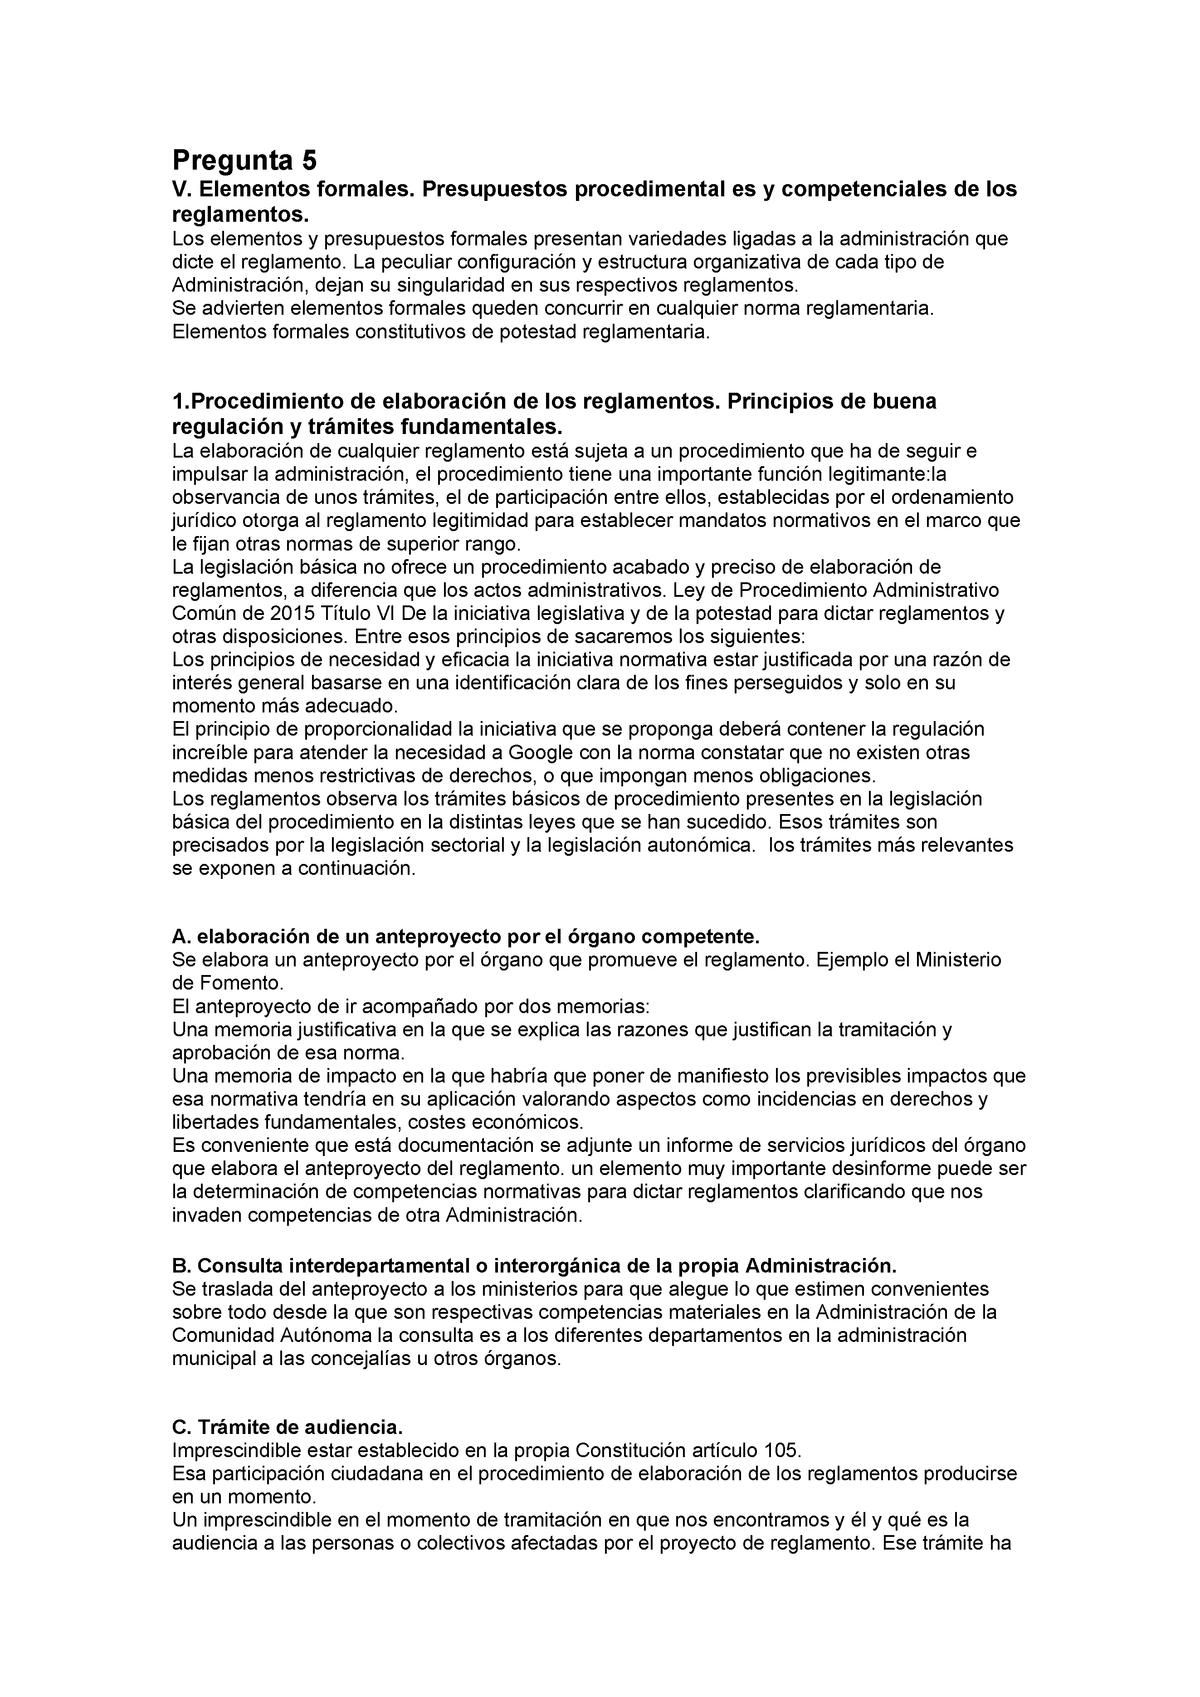 Pregunta 5 Tema De Derecho Administrativo Segundo Curso